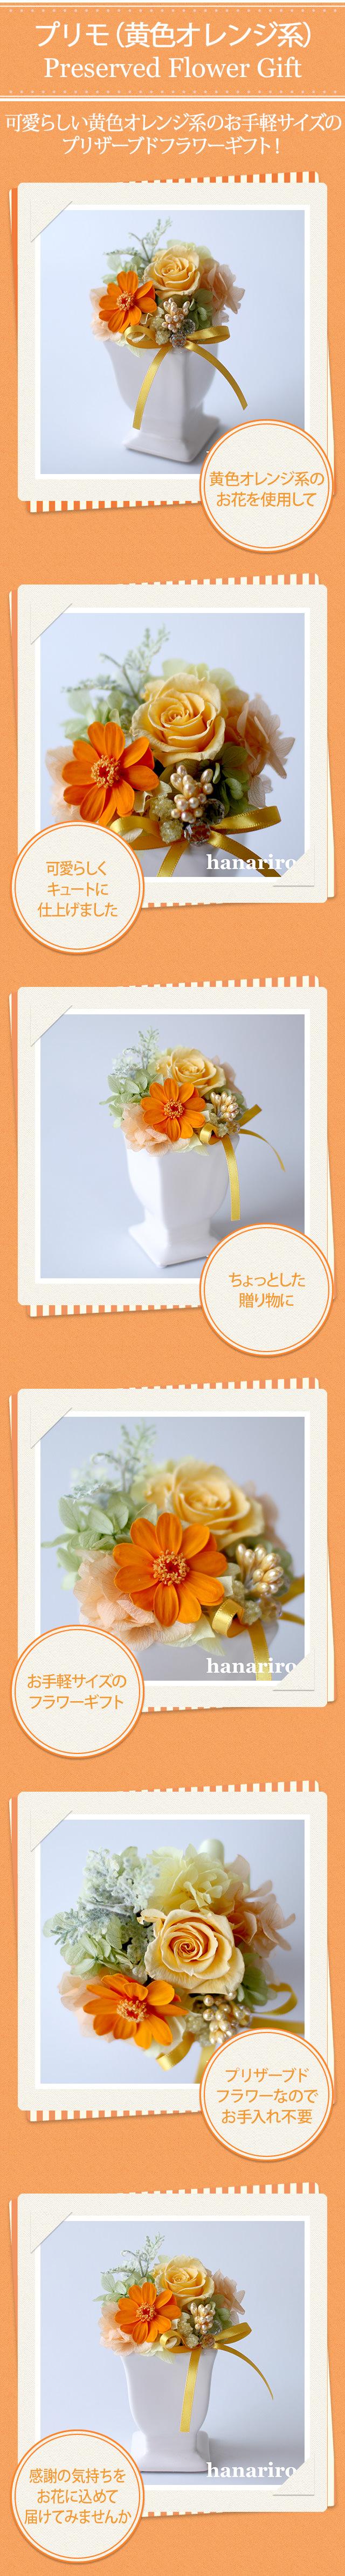 アレンジ「プリモ(黄色オレンジ系)」/プリザーブドフラワーギフト